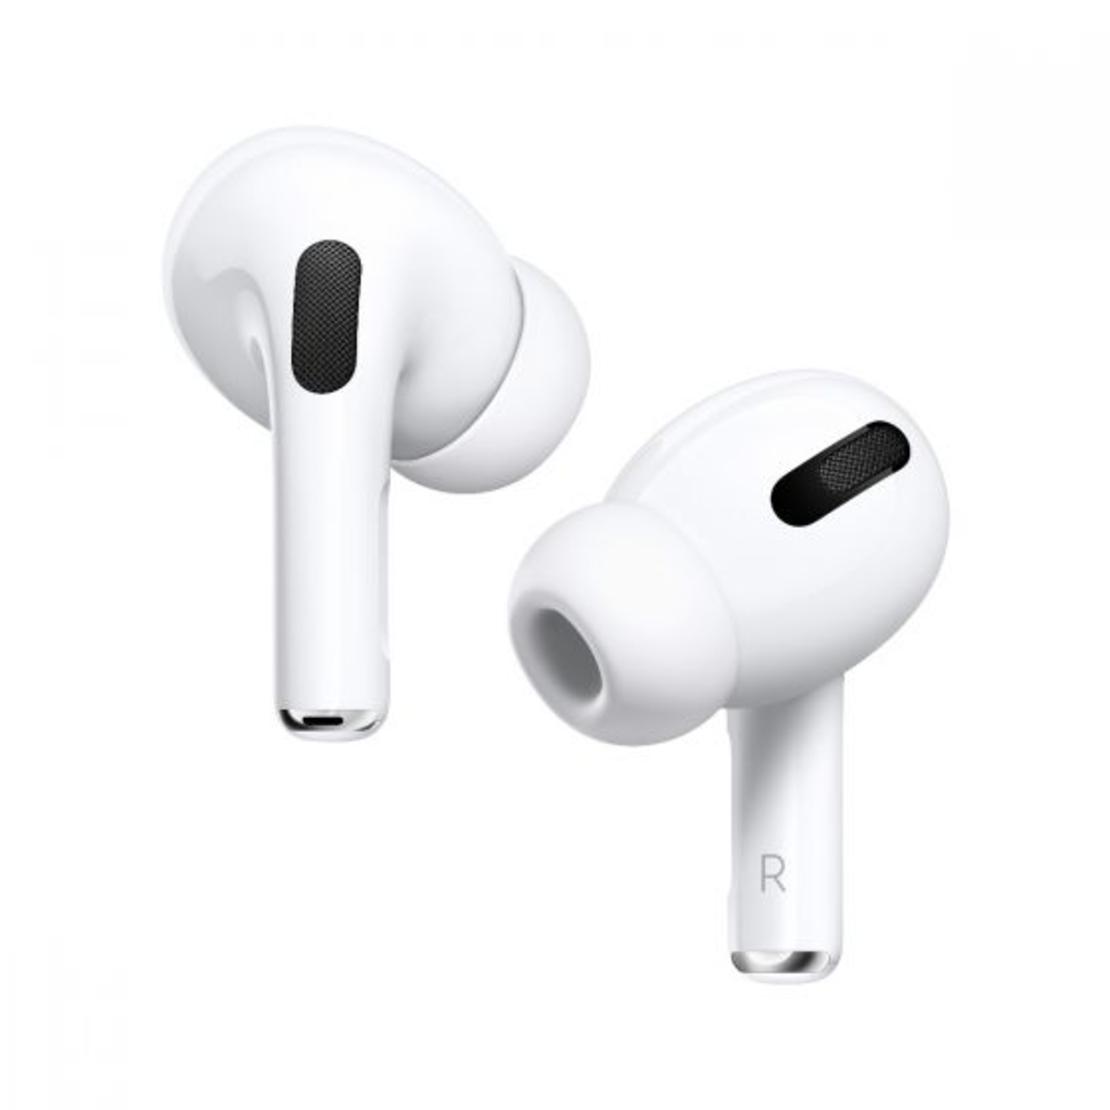 אוזניות AirPods Pro - יבואן רשמי